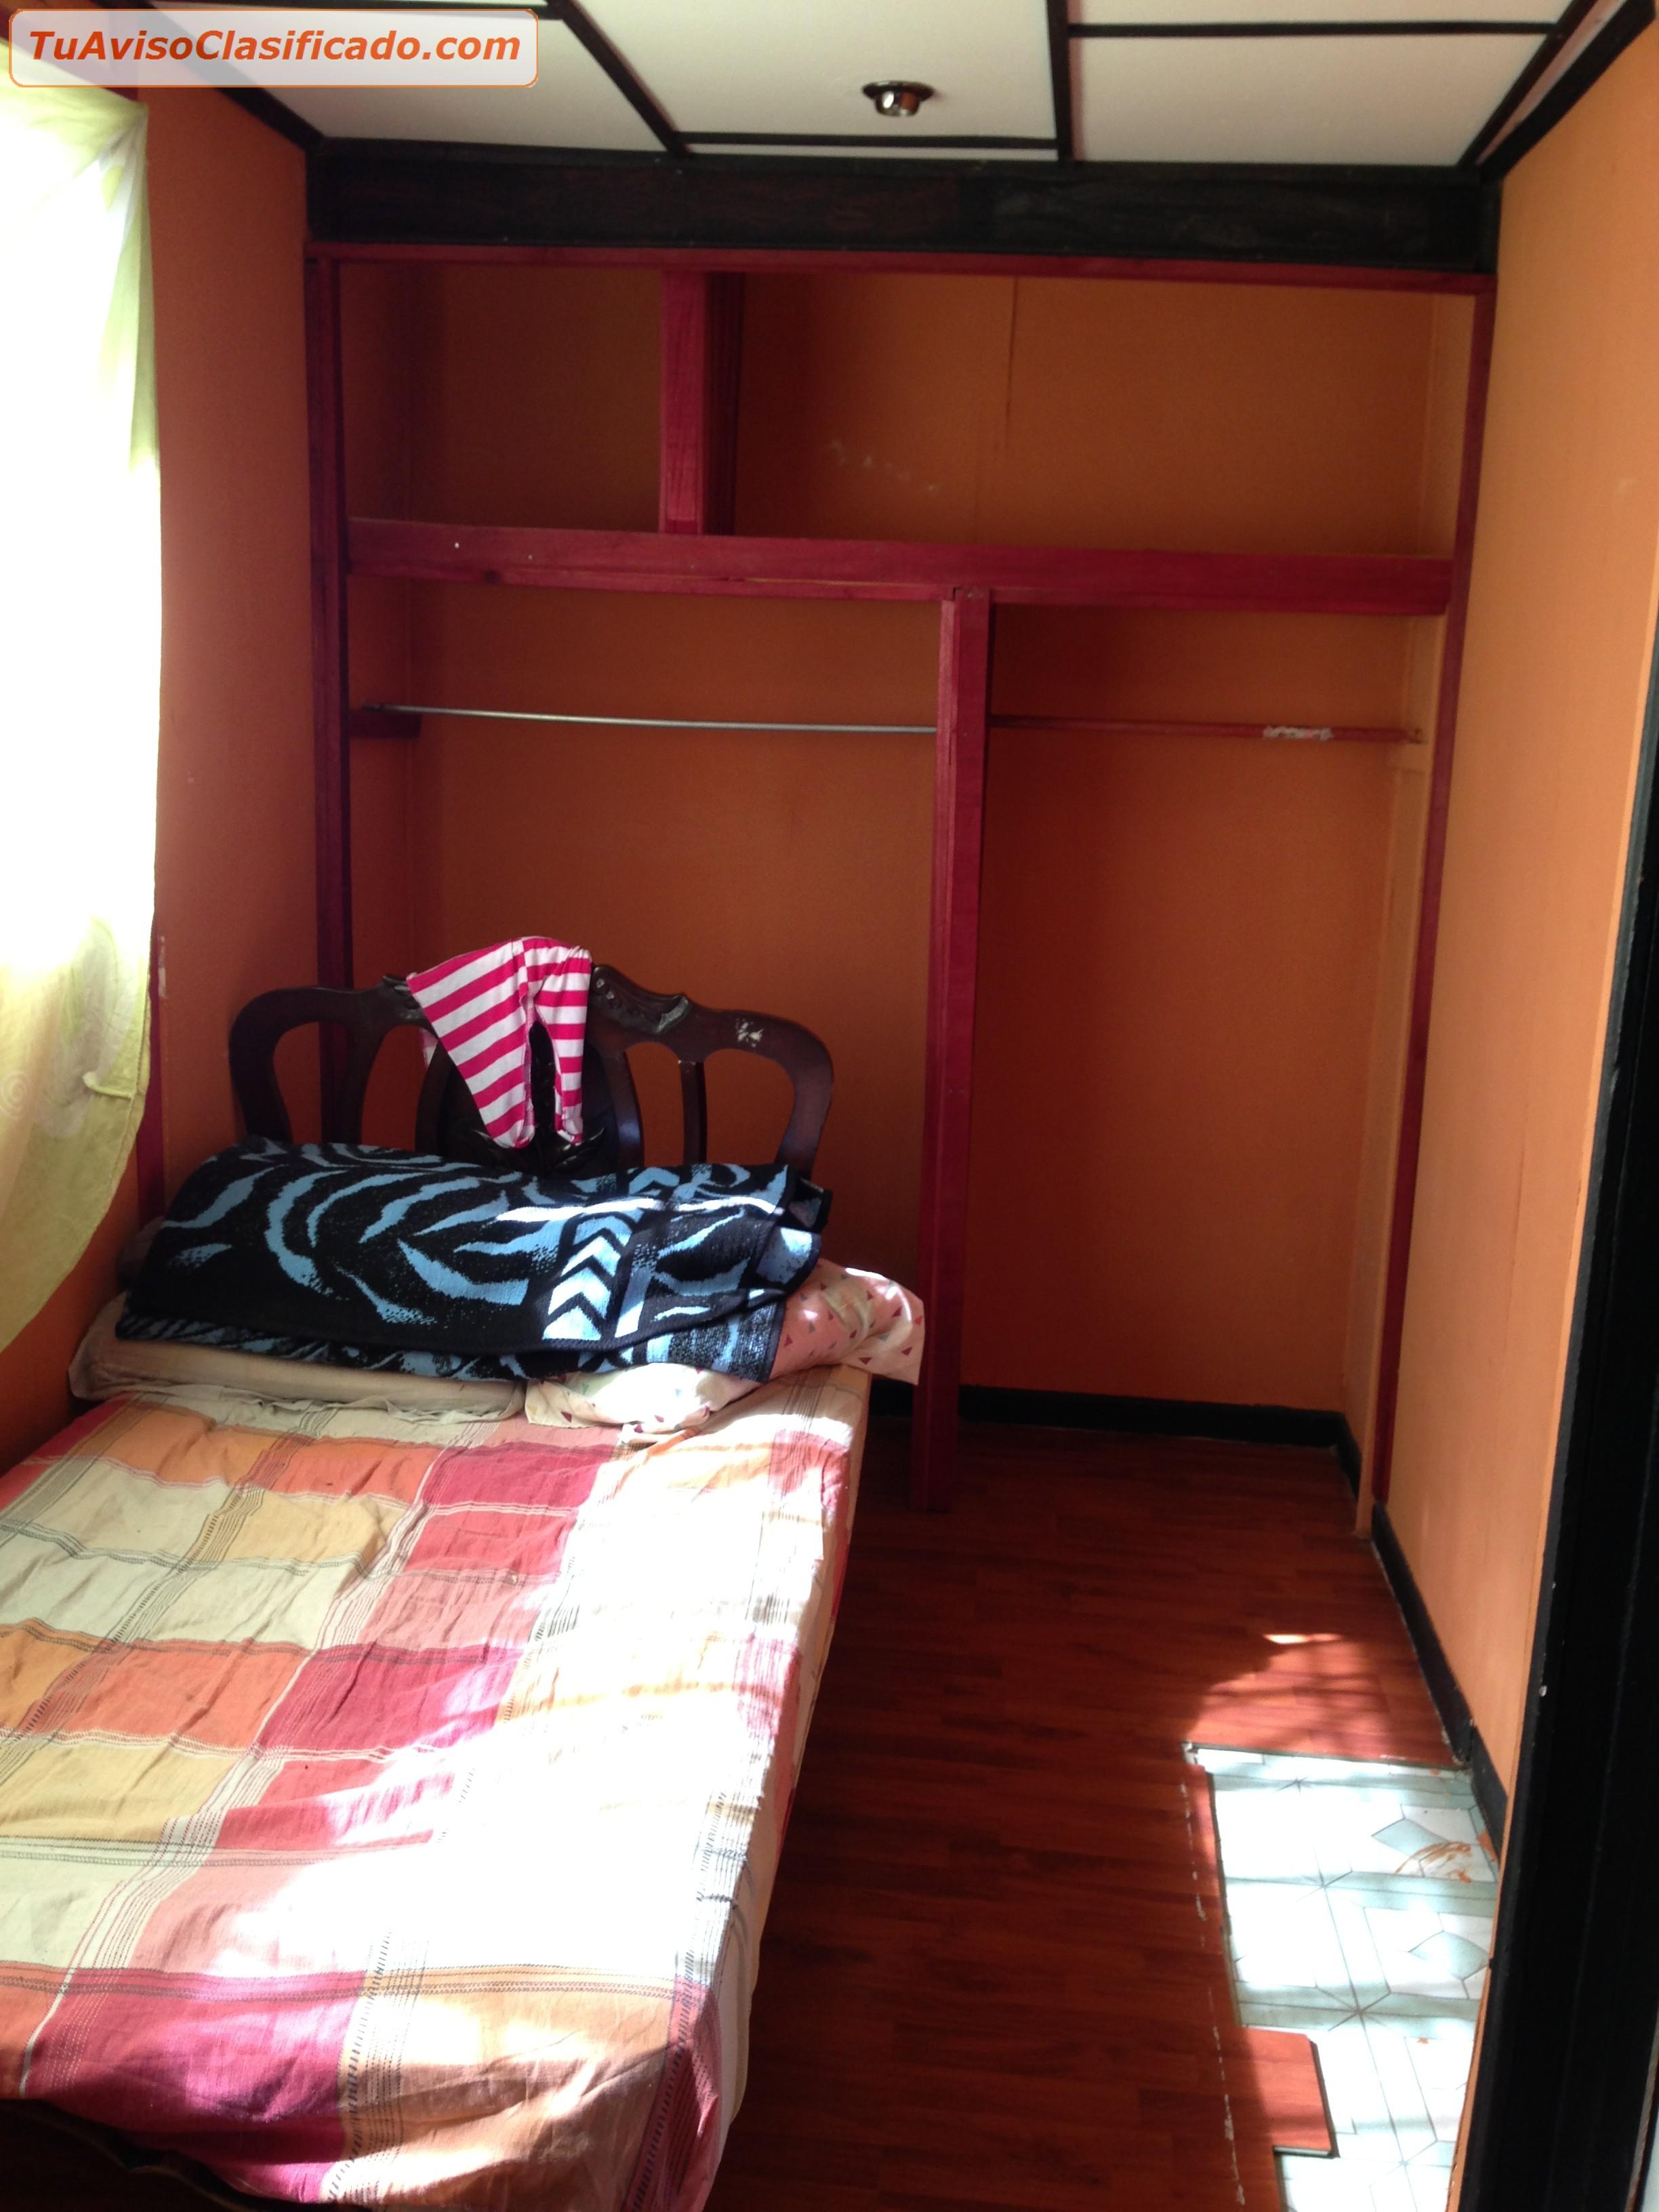 Se vende casa grande 5 cuartos 2 baños sala tv cuarto de pilas bal...